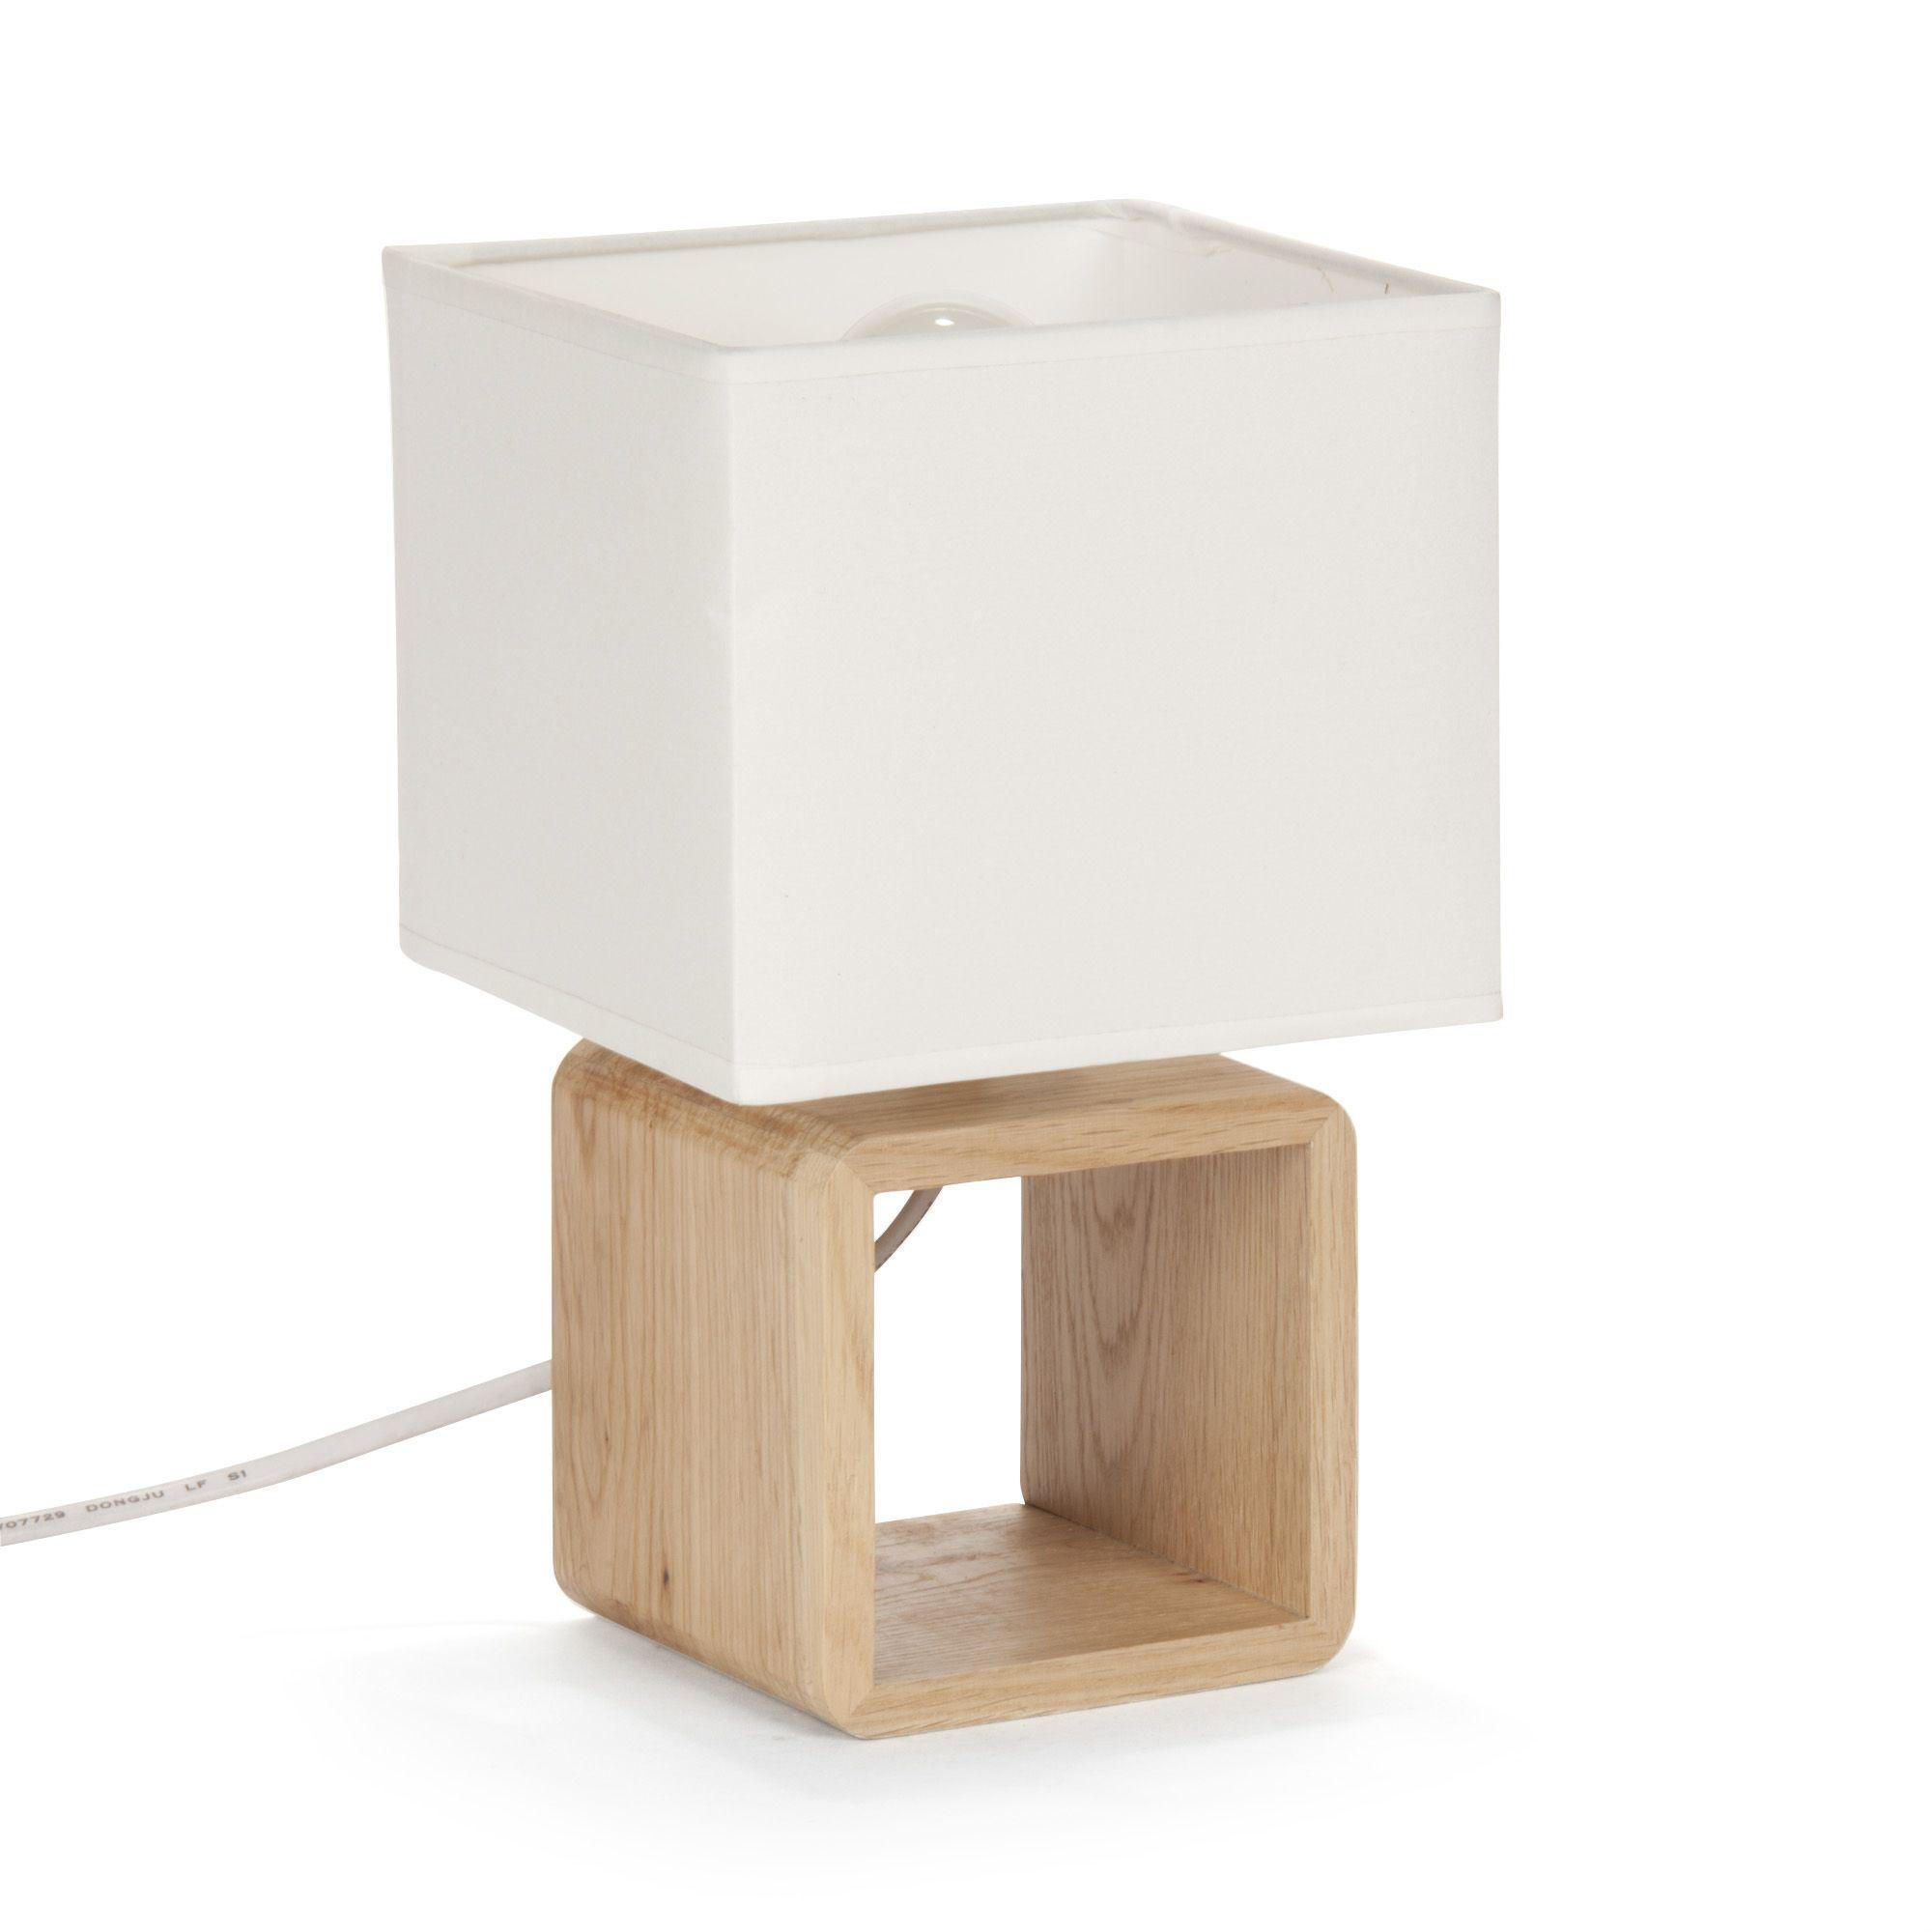 Cubo Lampes  poser Luminaires Lampe de chevet en bois BLANC H25cm